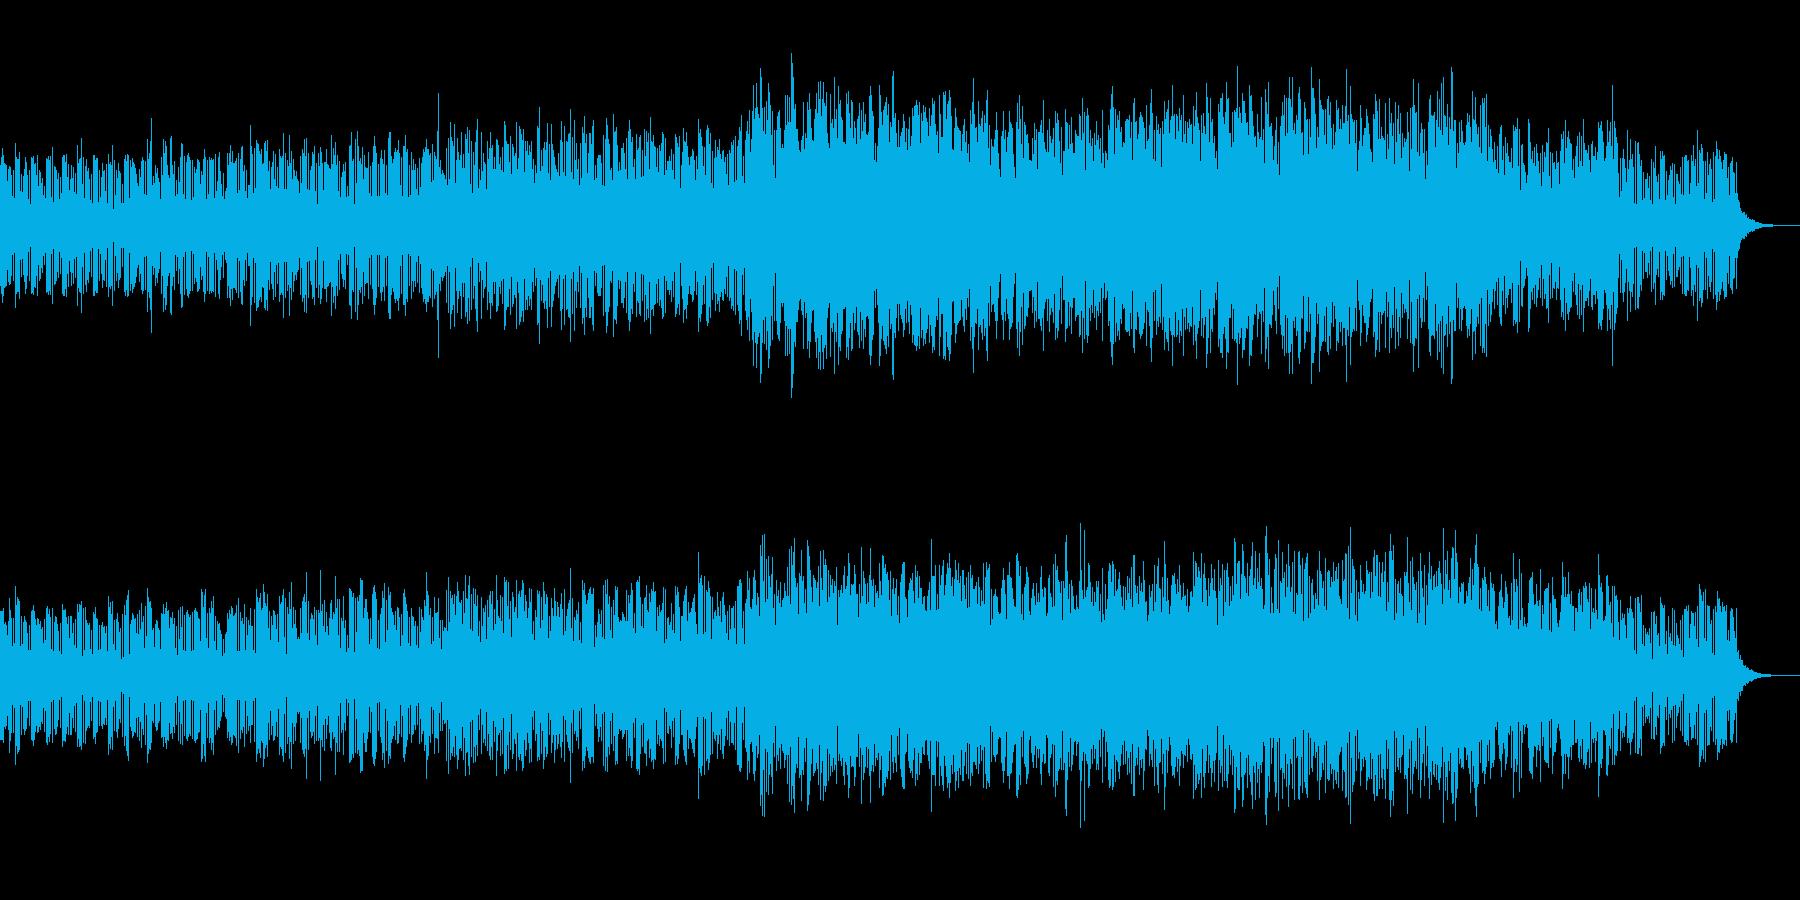 アジア風反復ミュージックの再生済みの波形